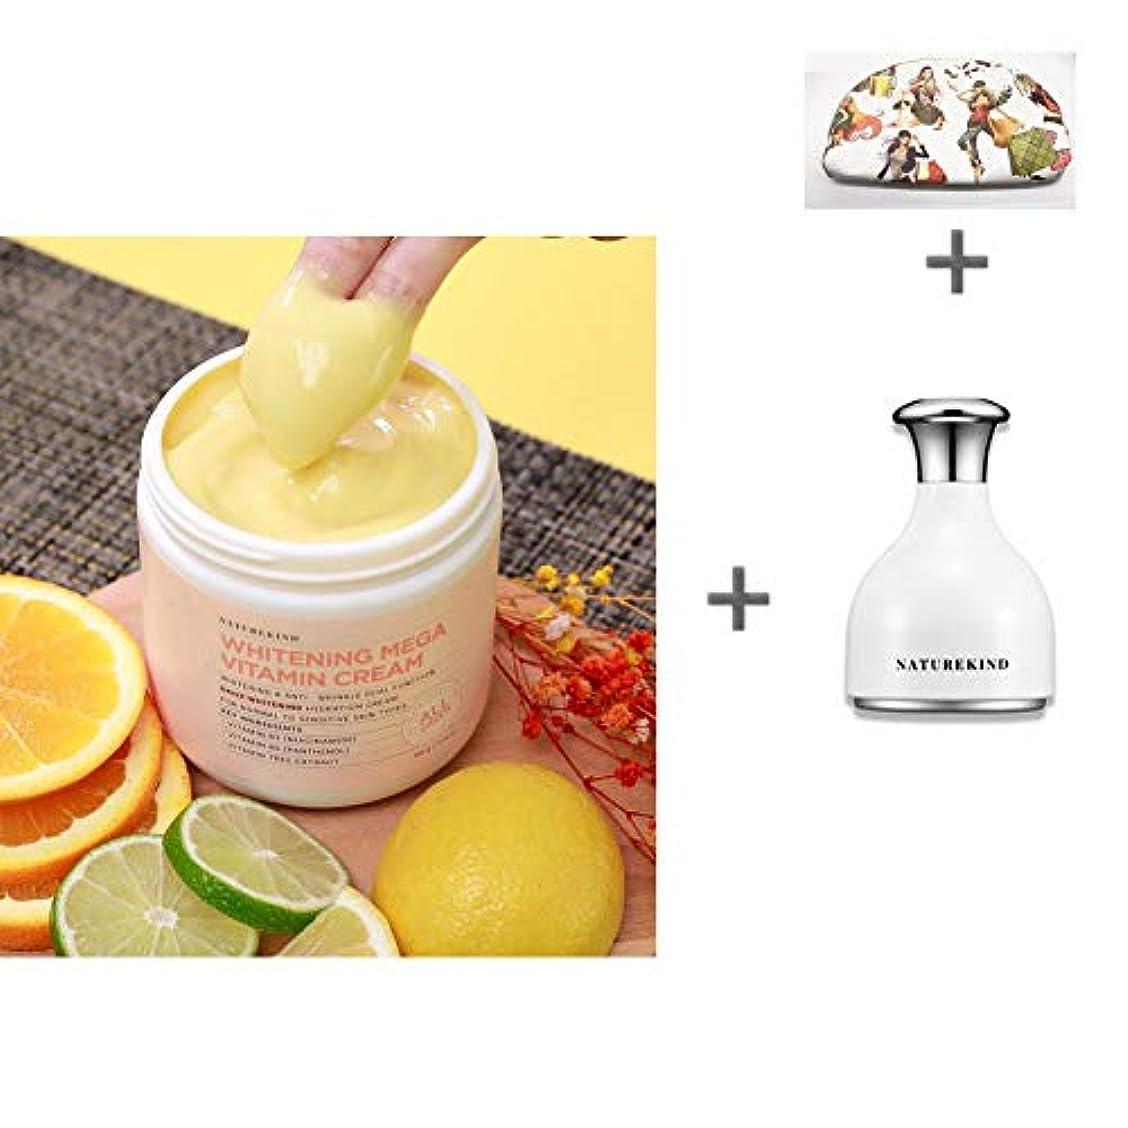 自分の虚偽チート[ネイチャーカインド]美白ビタミンクリーム500gの大容量Vitamin Cream /全成分100%グリーン評価/敏感肌にも安心/トンオプ/保湿/くすみ除去/美白クリーム [海外直送品][並行輸入品] (クリーム+クーリングスティック)